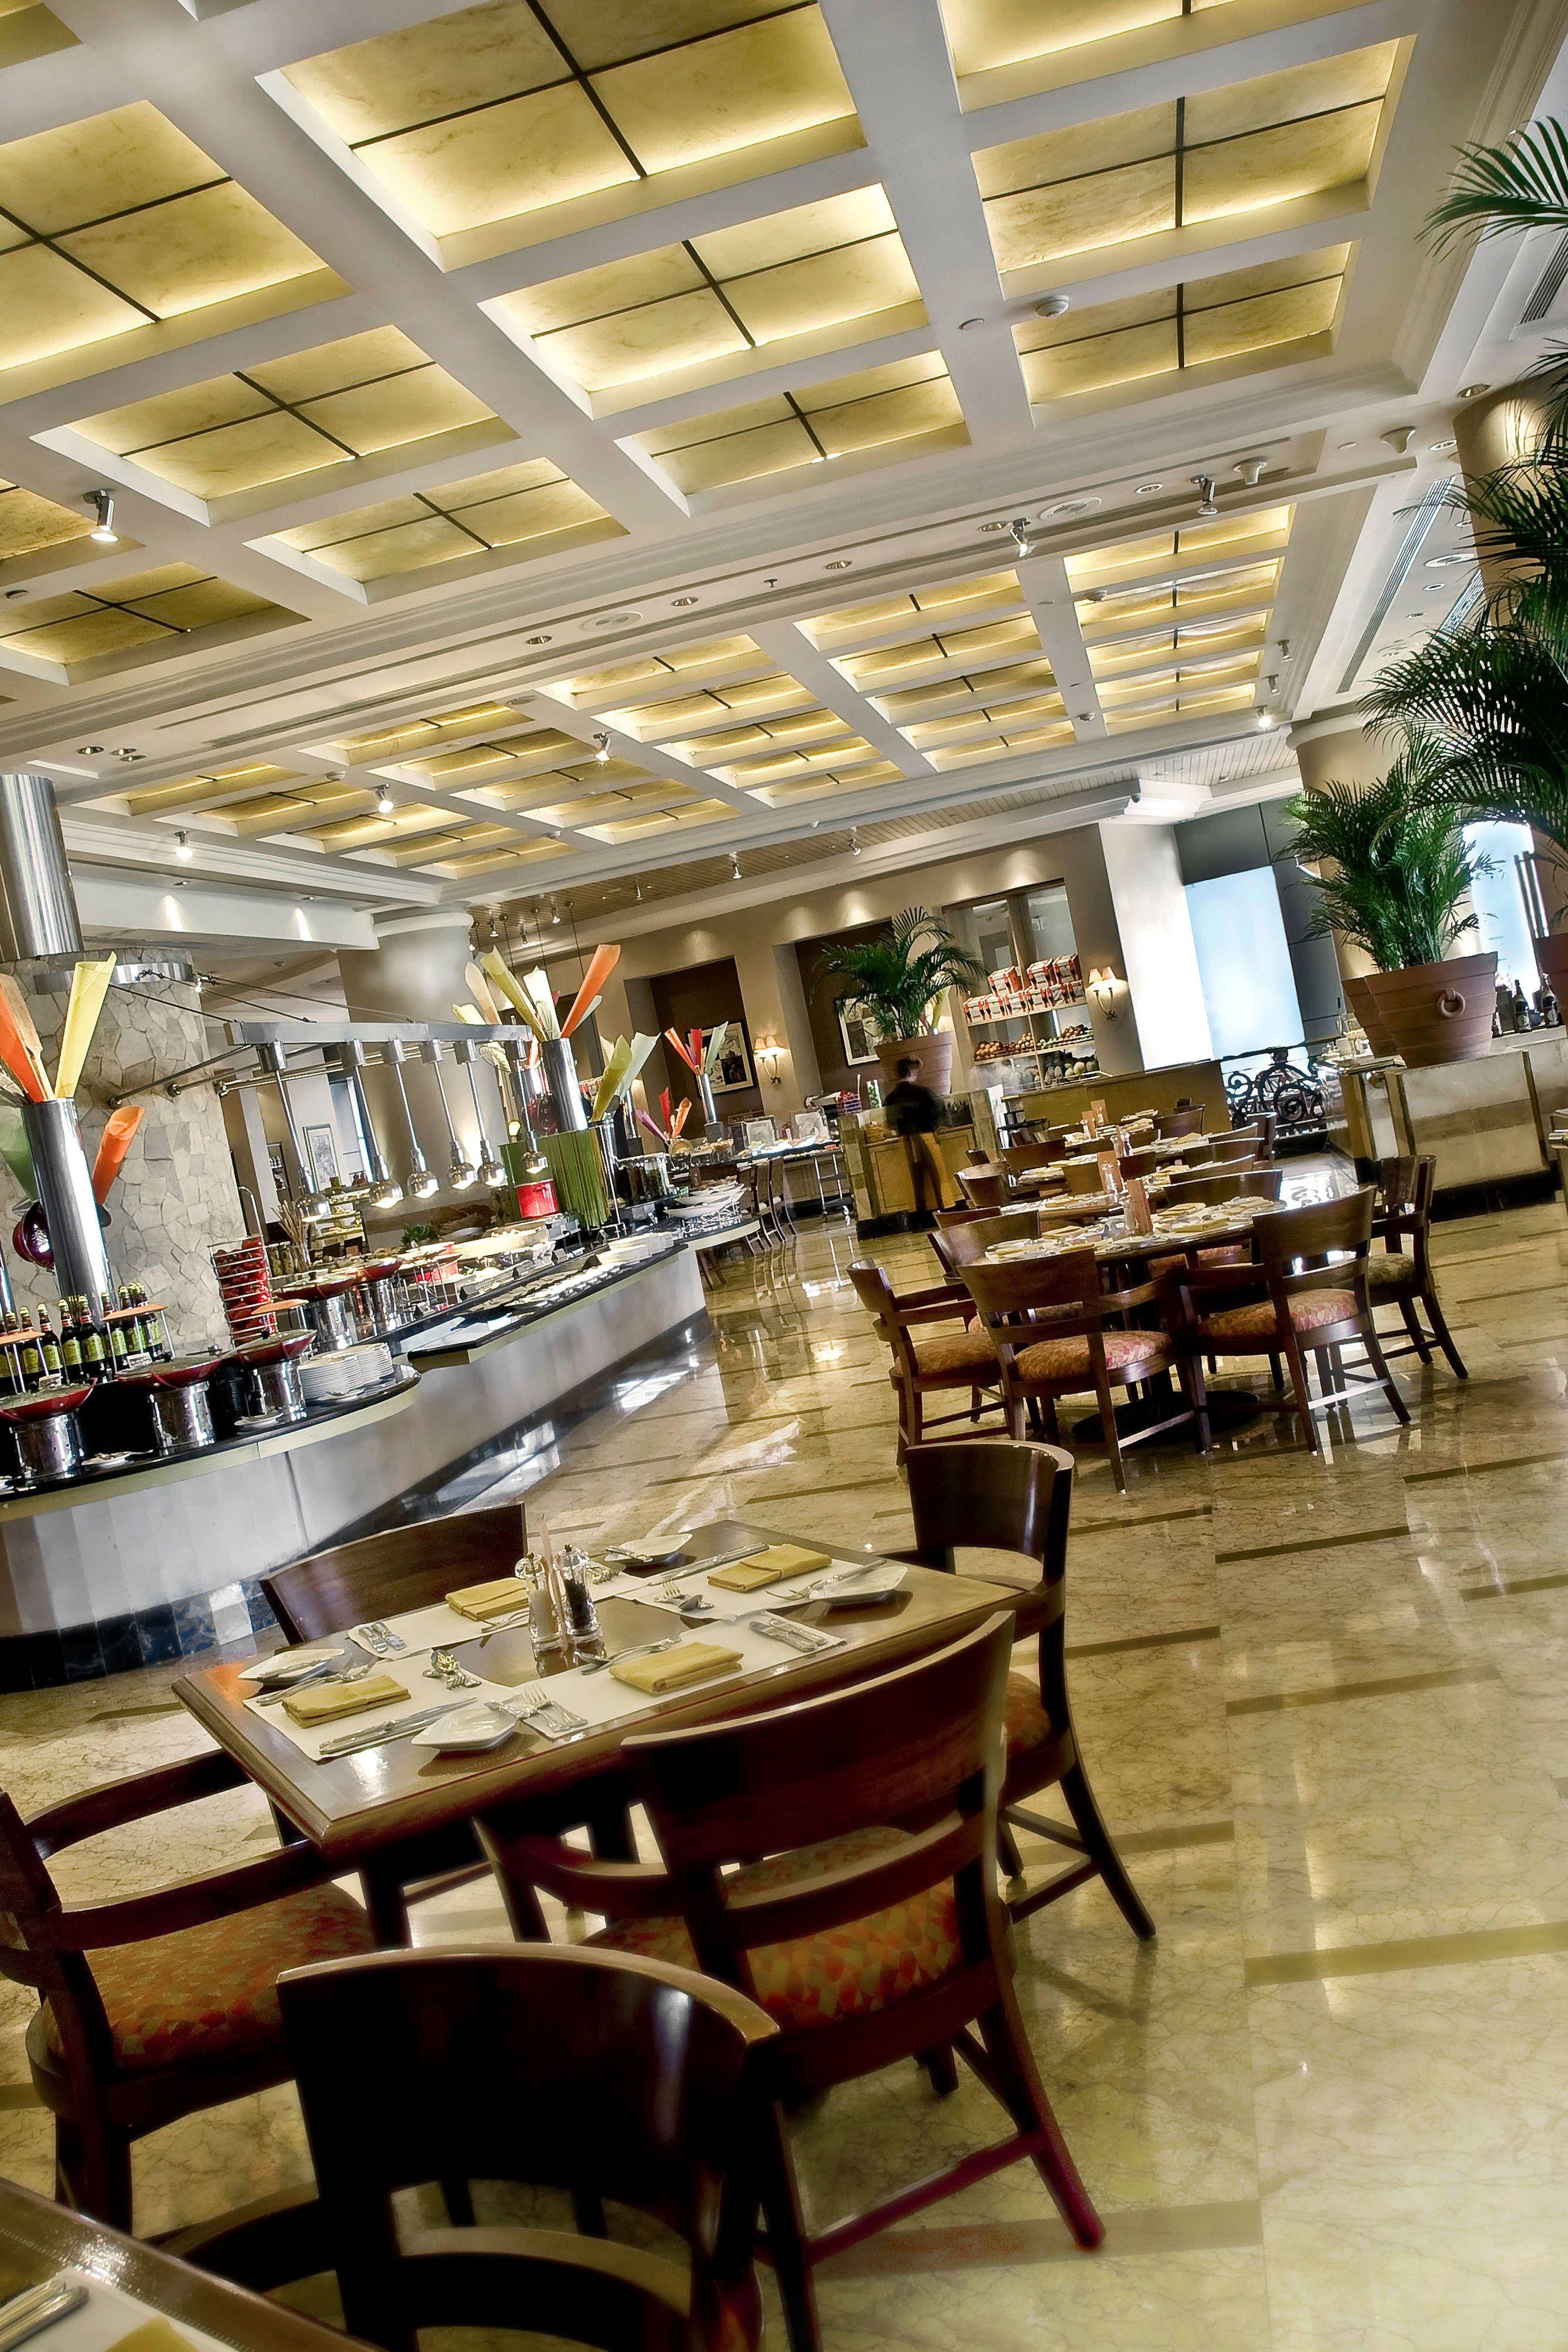 Jw Marriott Hotel Jakarta Sailendra Restaurant Visiting Beautiful Holiday Marriott Hotels Hotel Marriott